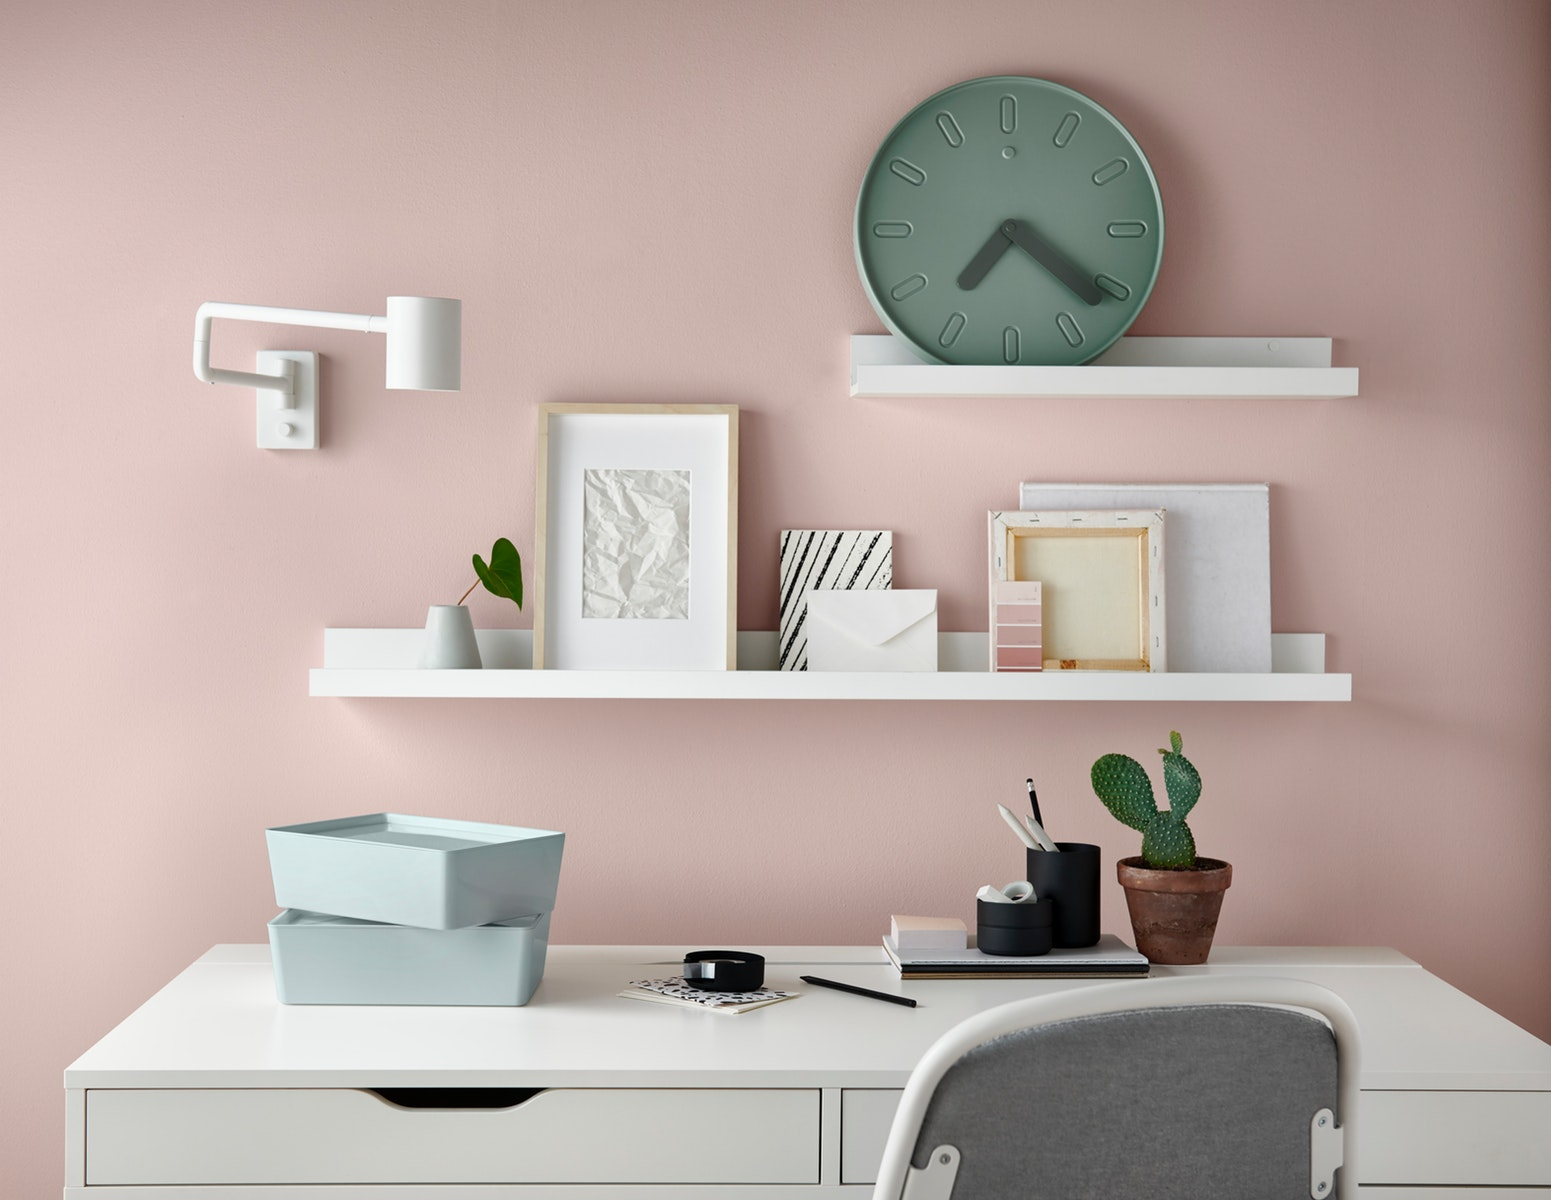 9 Dekorasi dinding kamar dengan harga terjangkau